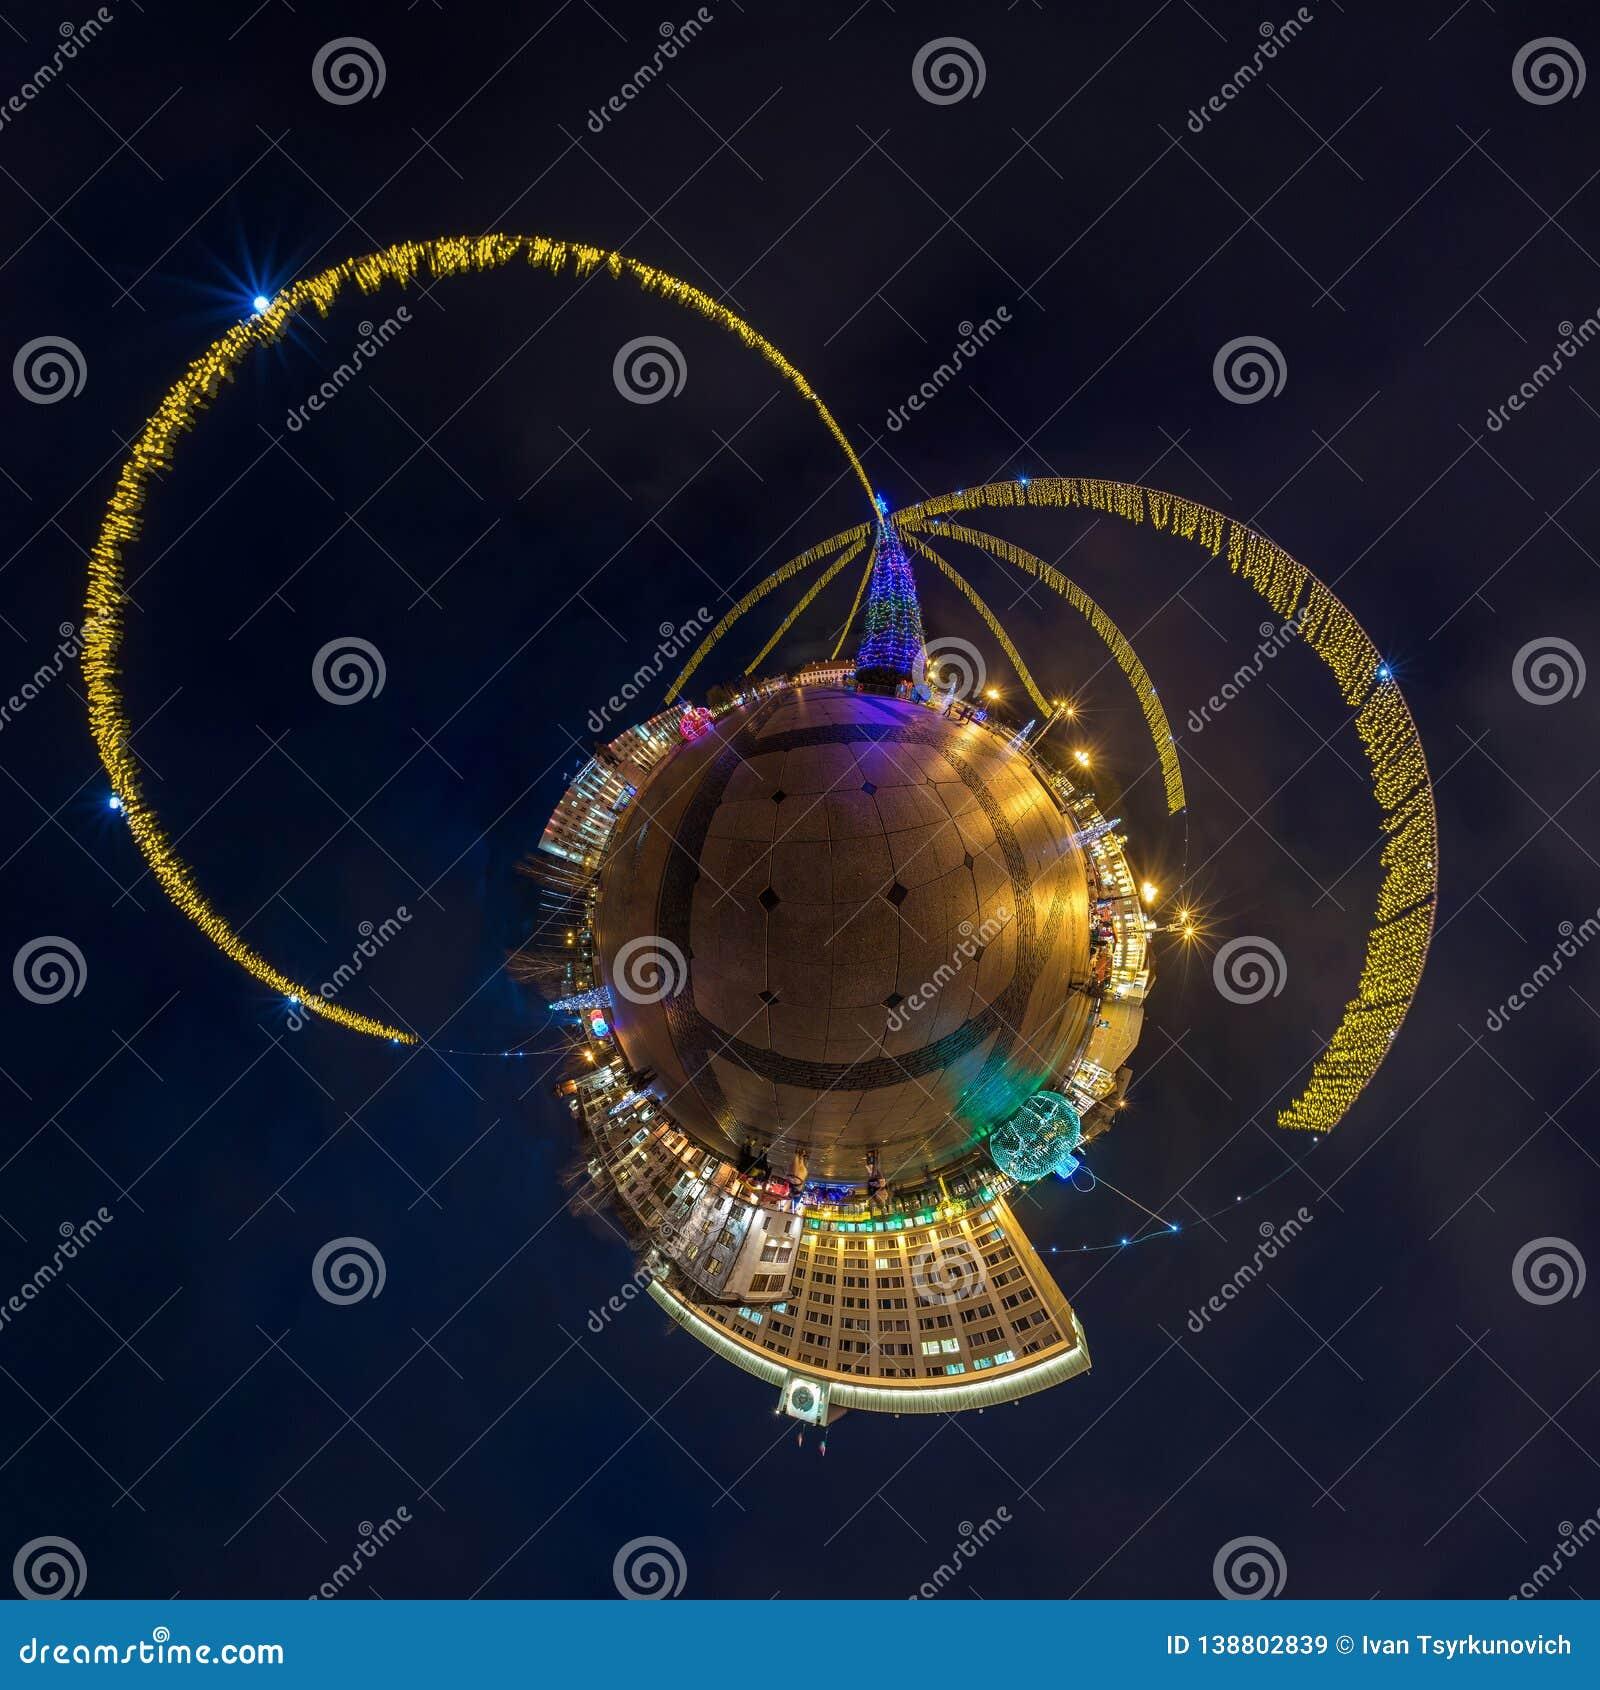 Neues Jahr wenig Planet Kugelförmige Luft-360-Grad-Panoramanachtansicht über ein festliches Quadrat mit einem Weihnachtsbaum